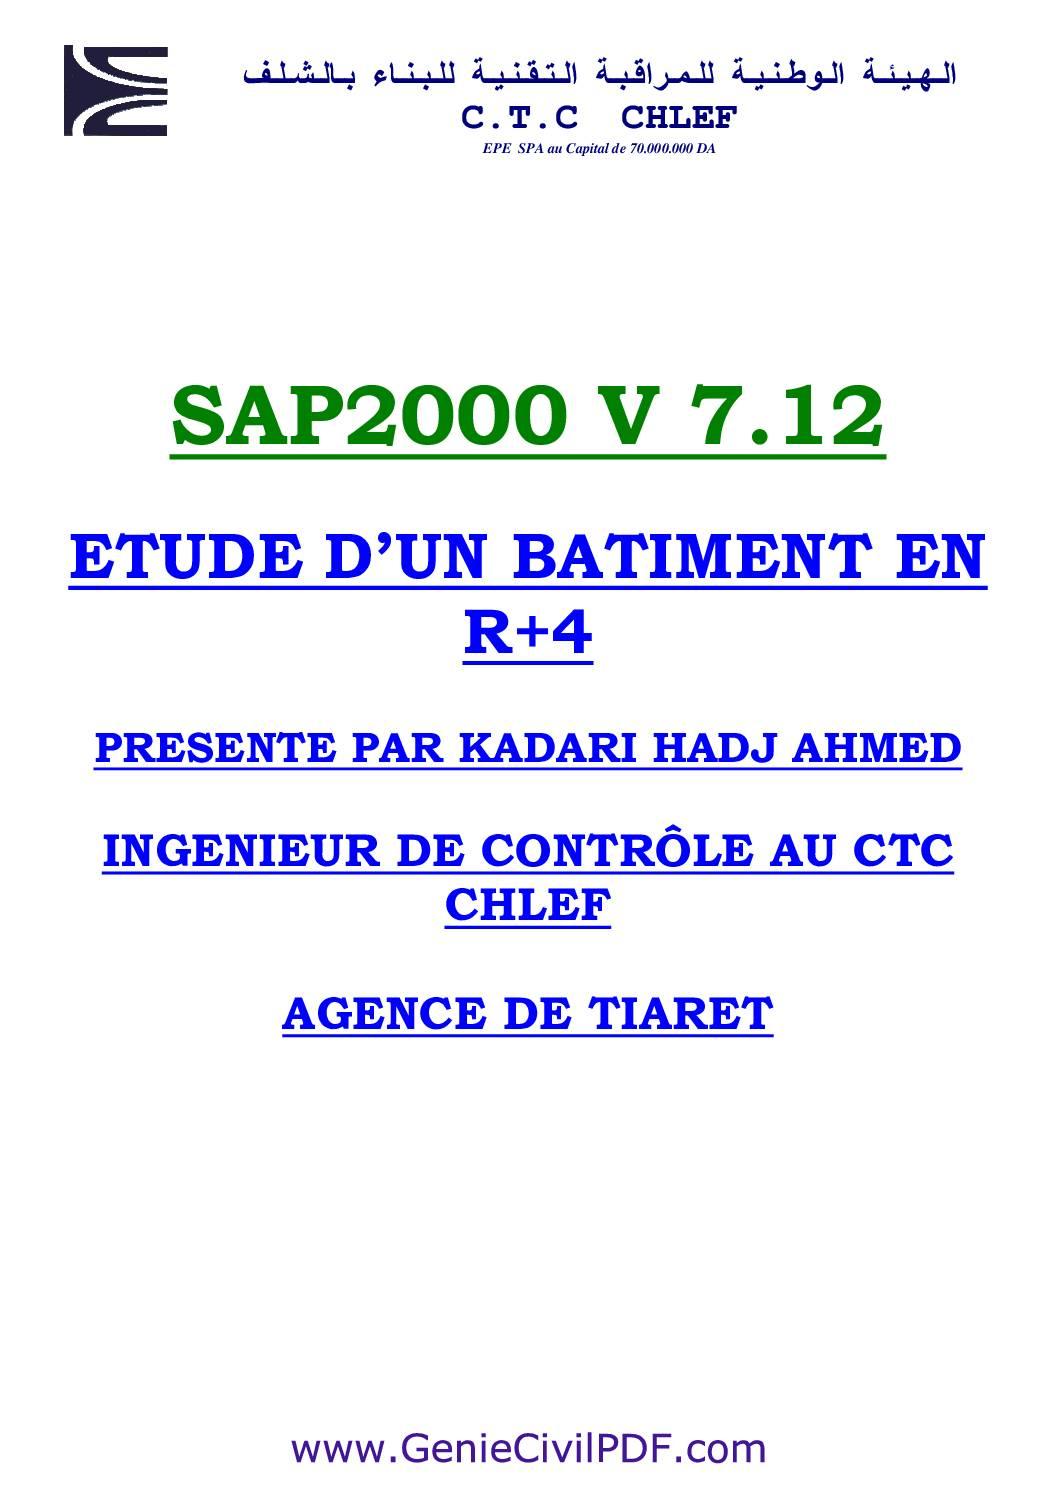 EXEMPLE D'Etude Avec SAP2000 COMPLET